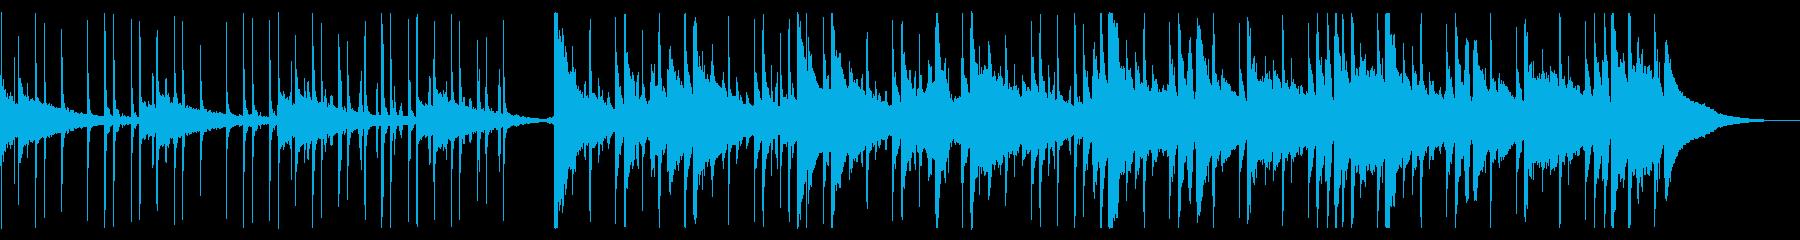 冬を感じるチルBGM_3の再生済みの波形